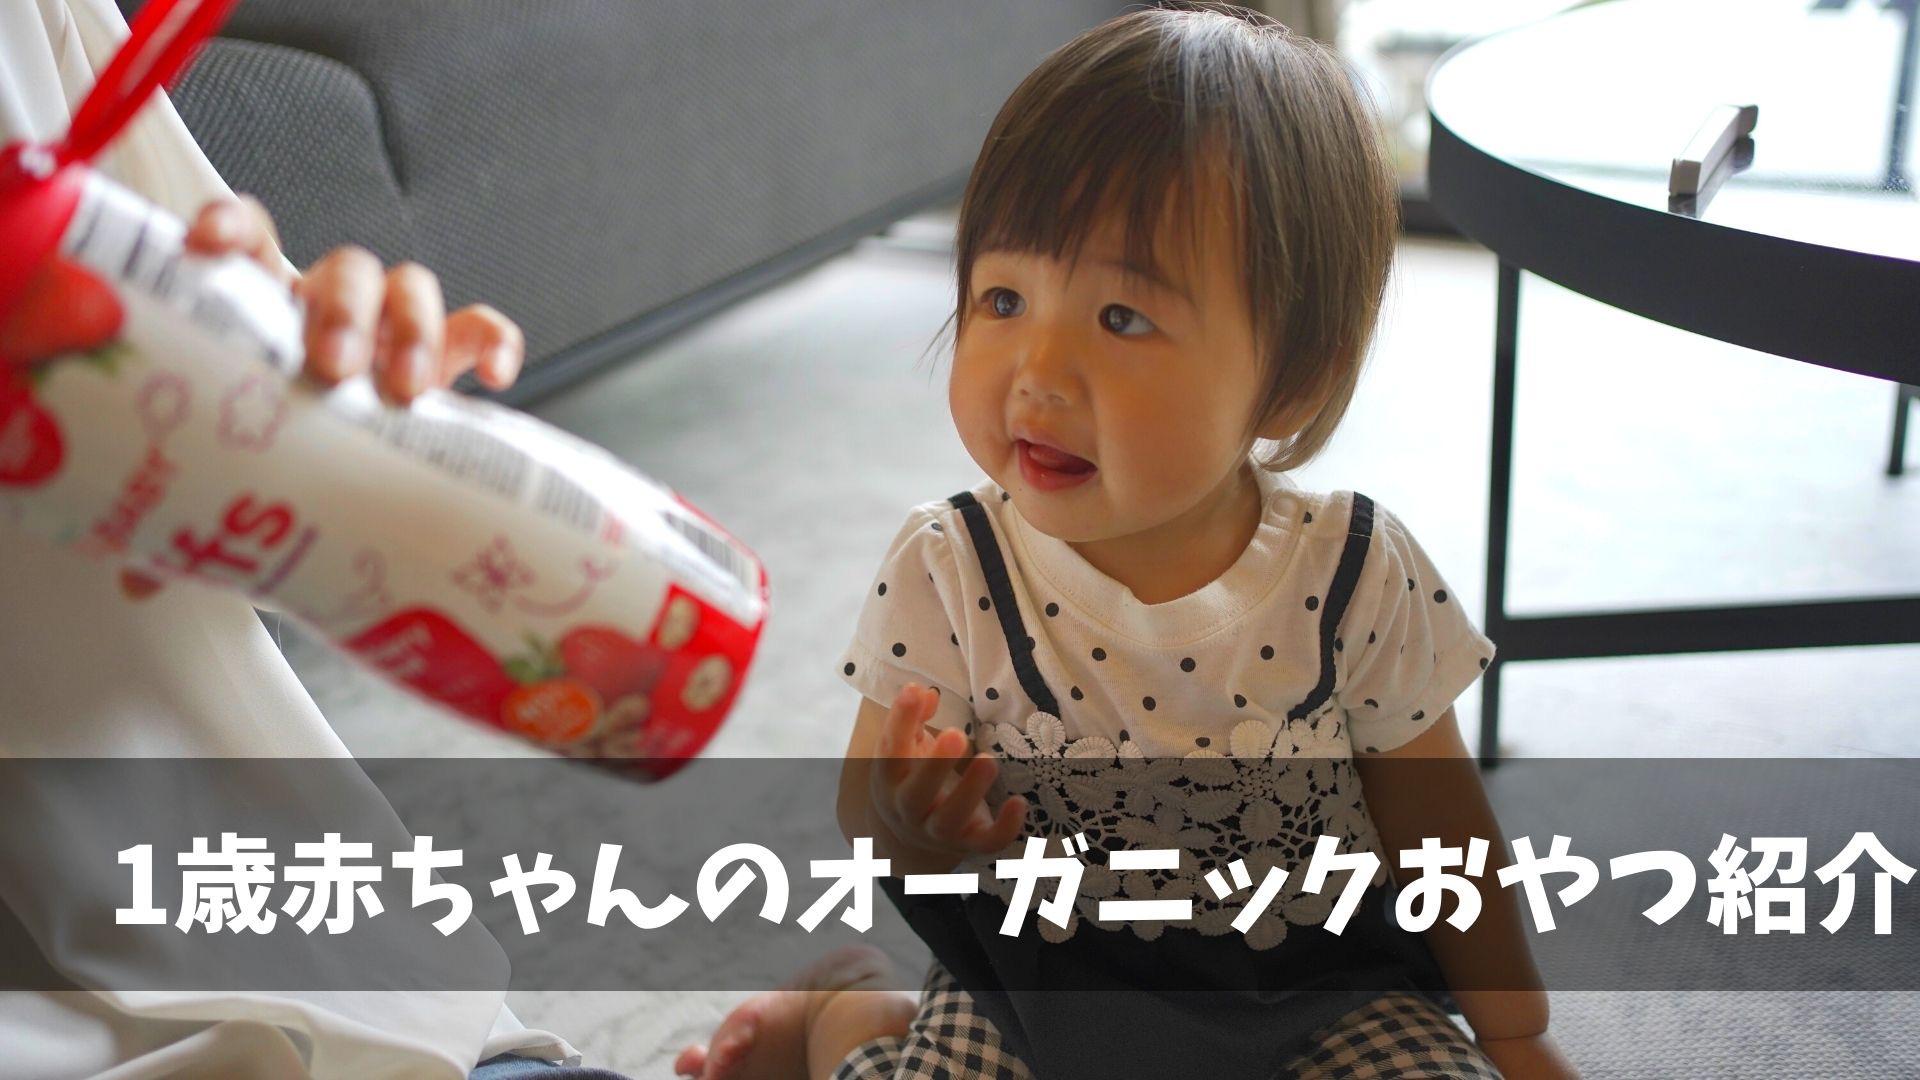 おやつ事情!!【1歳1ヶ月】